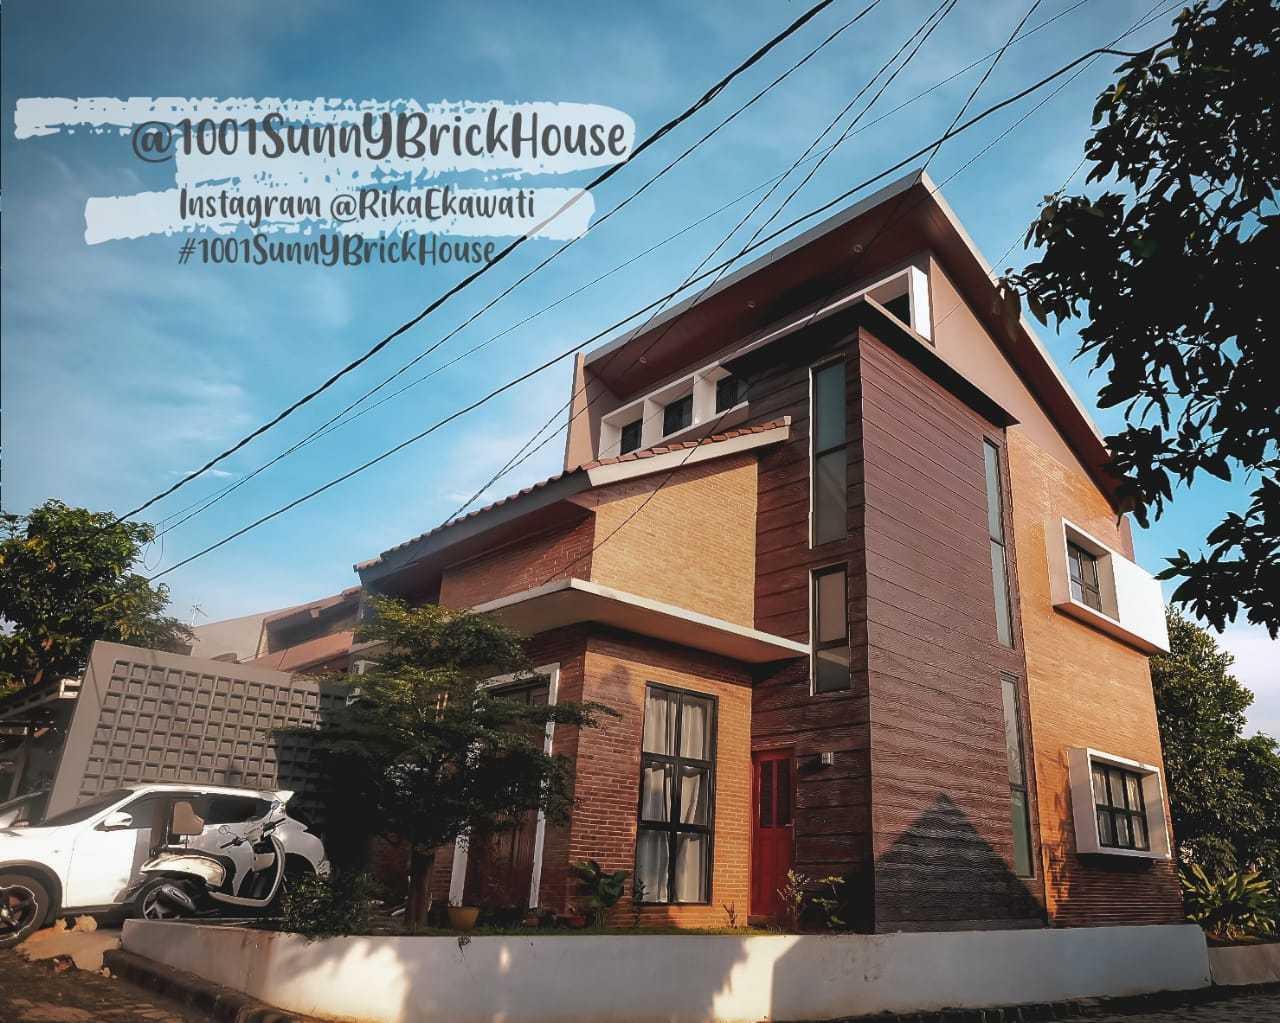 Nan '9Design Rk House Depok, Kota Depok, Jawa Barat, Indonesia Depok, Kota Depok, Jawa Barat, Indonesia Nan-9Design-Rk-House   71835